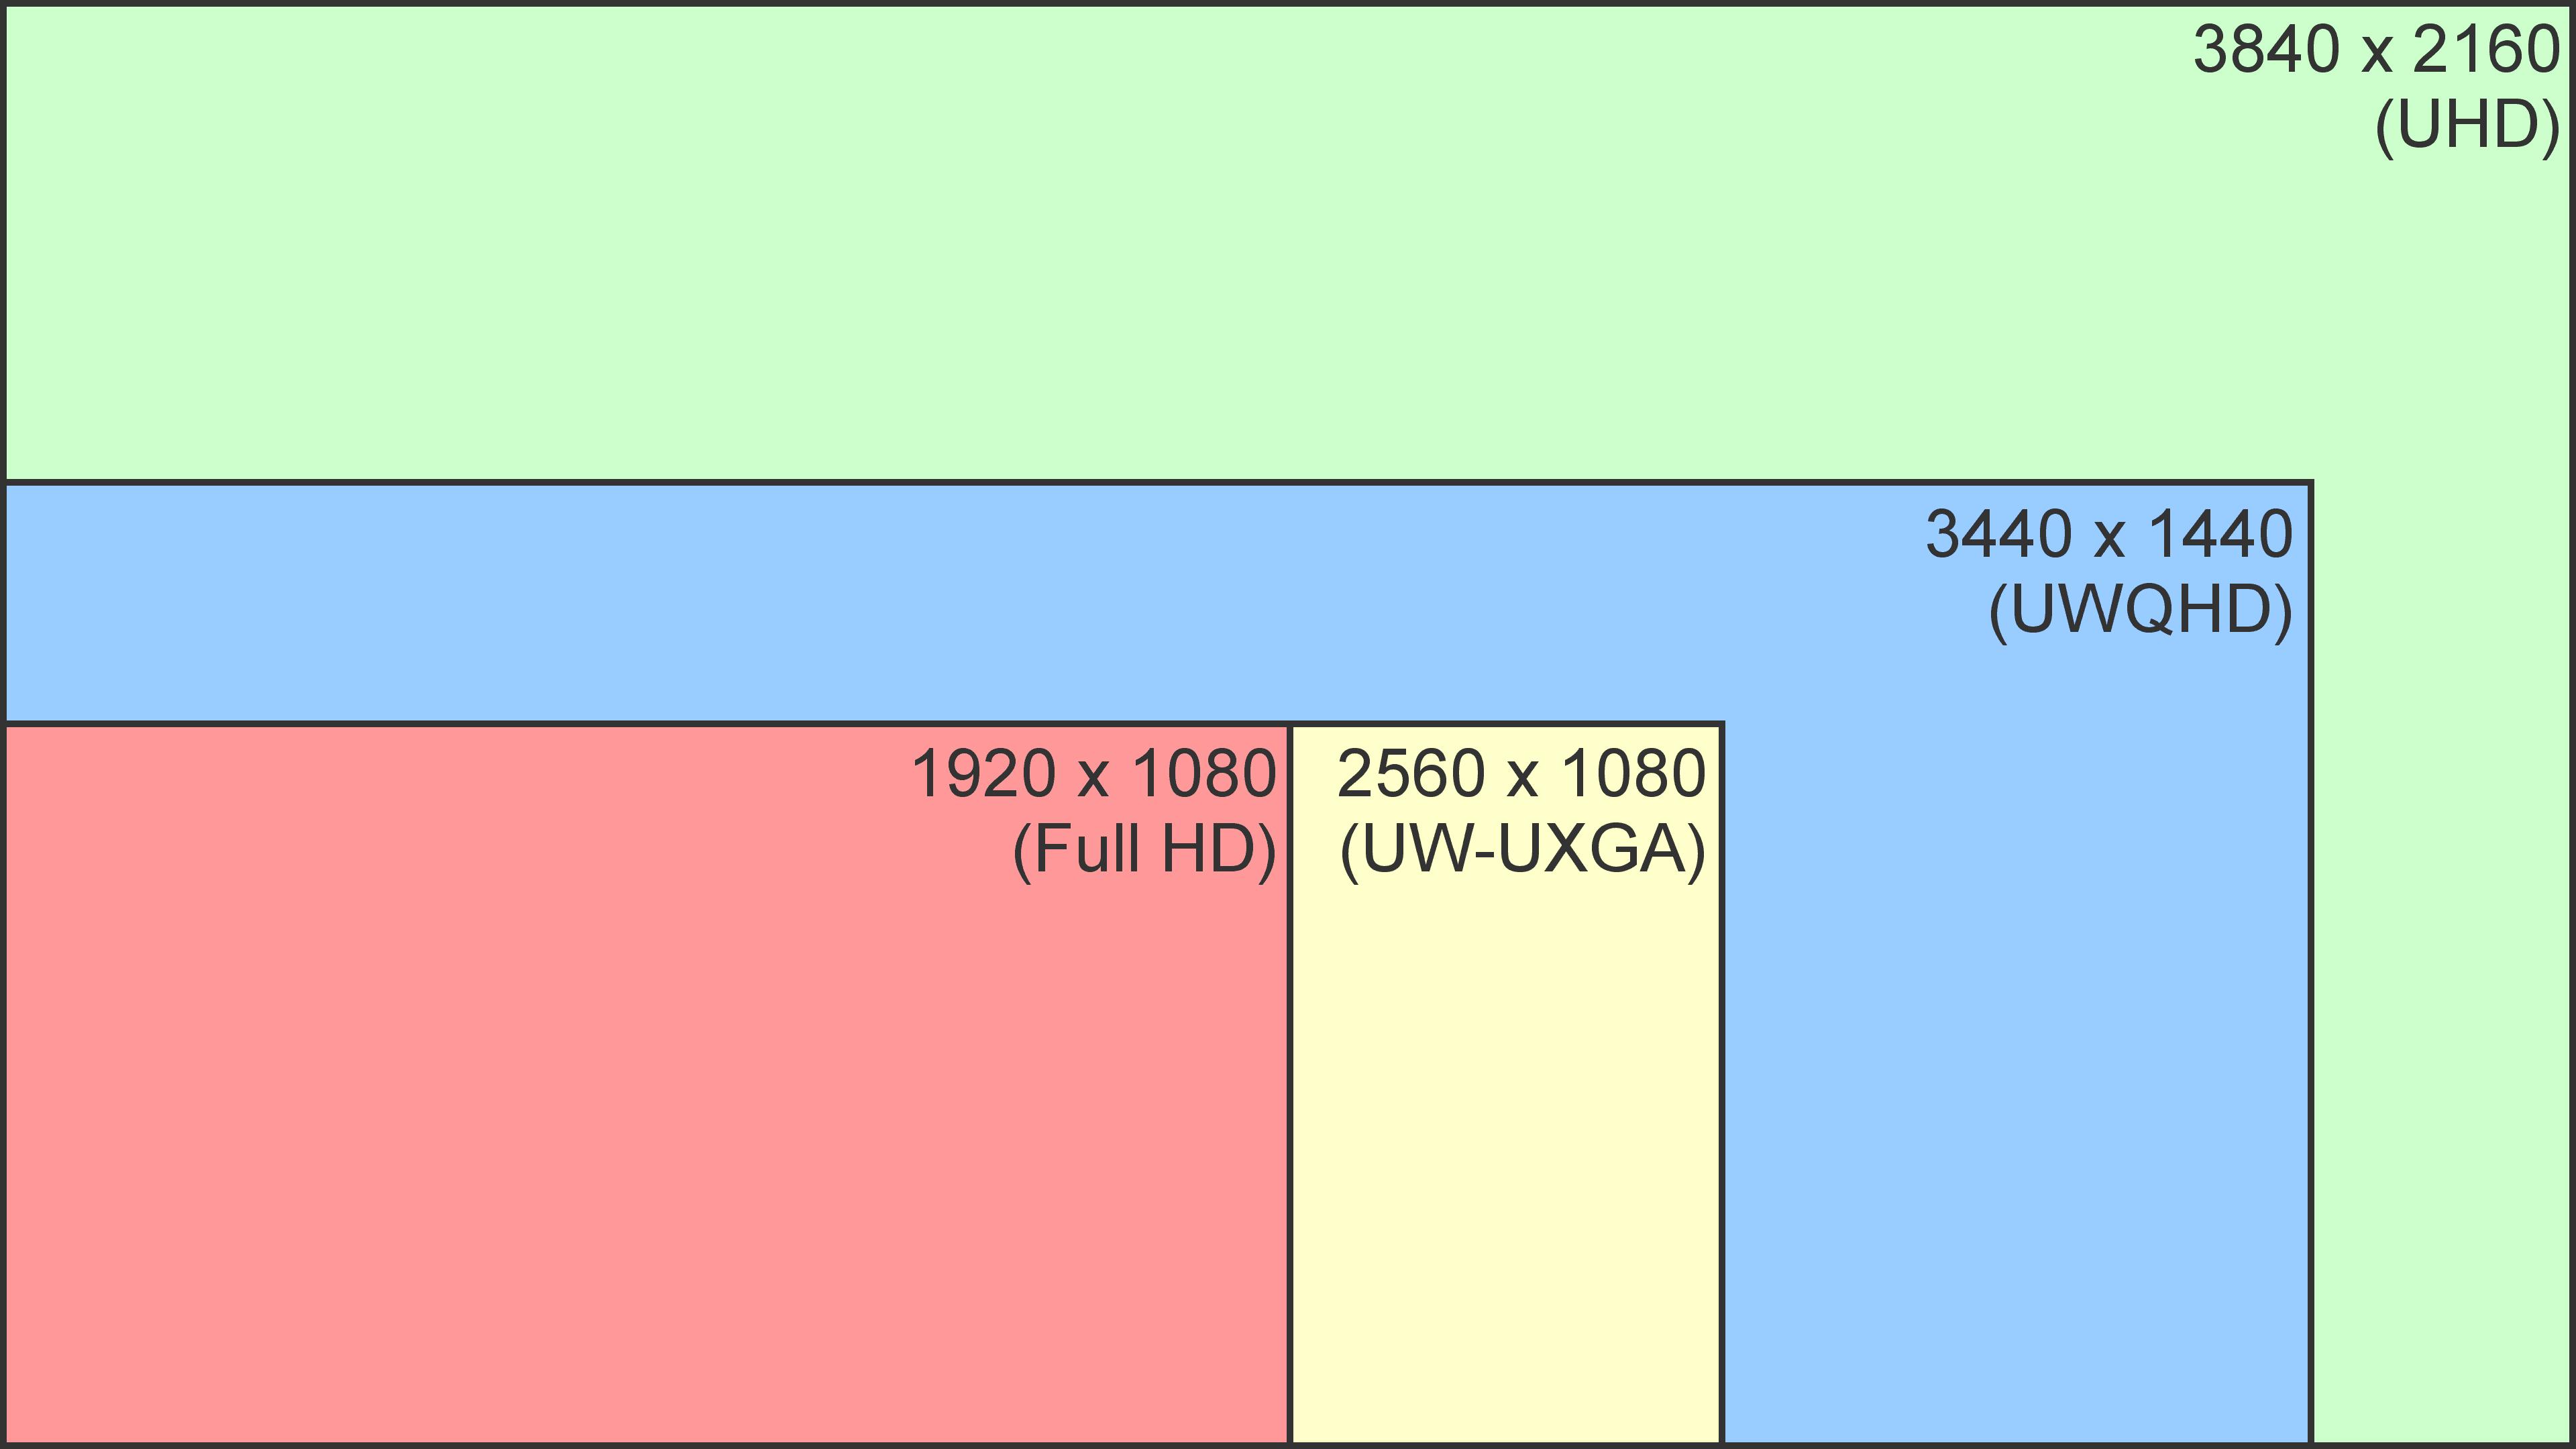 Curved-Monitor - Auflösungen im Vergleich - Resolution Comparison, Full HD, UW-UXGA, UWQHD, UHD, 4K